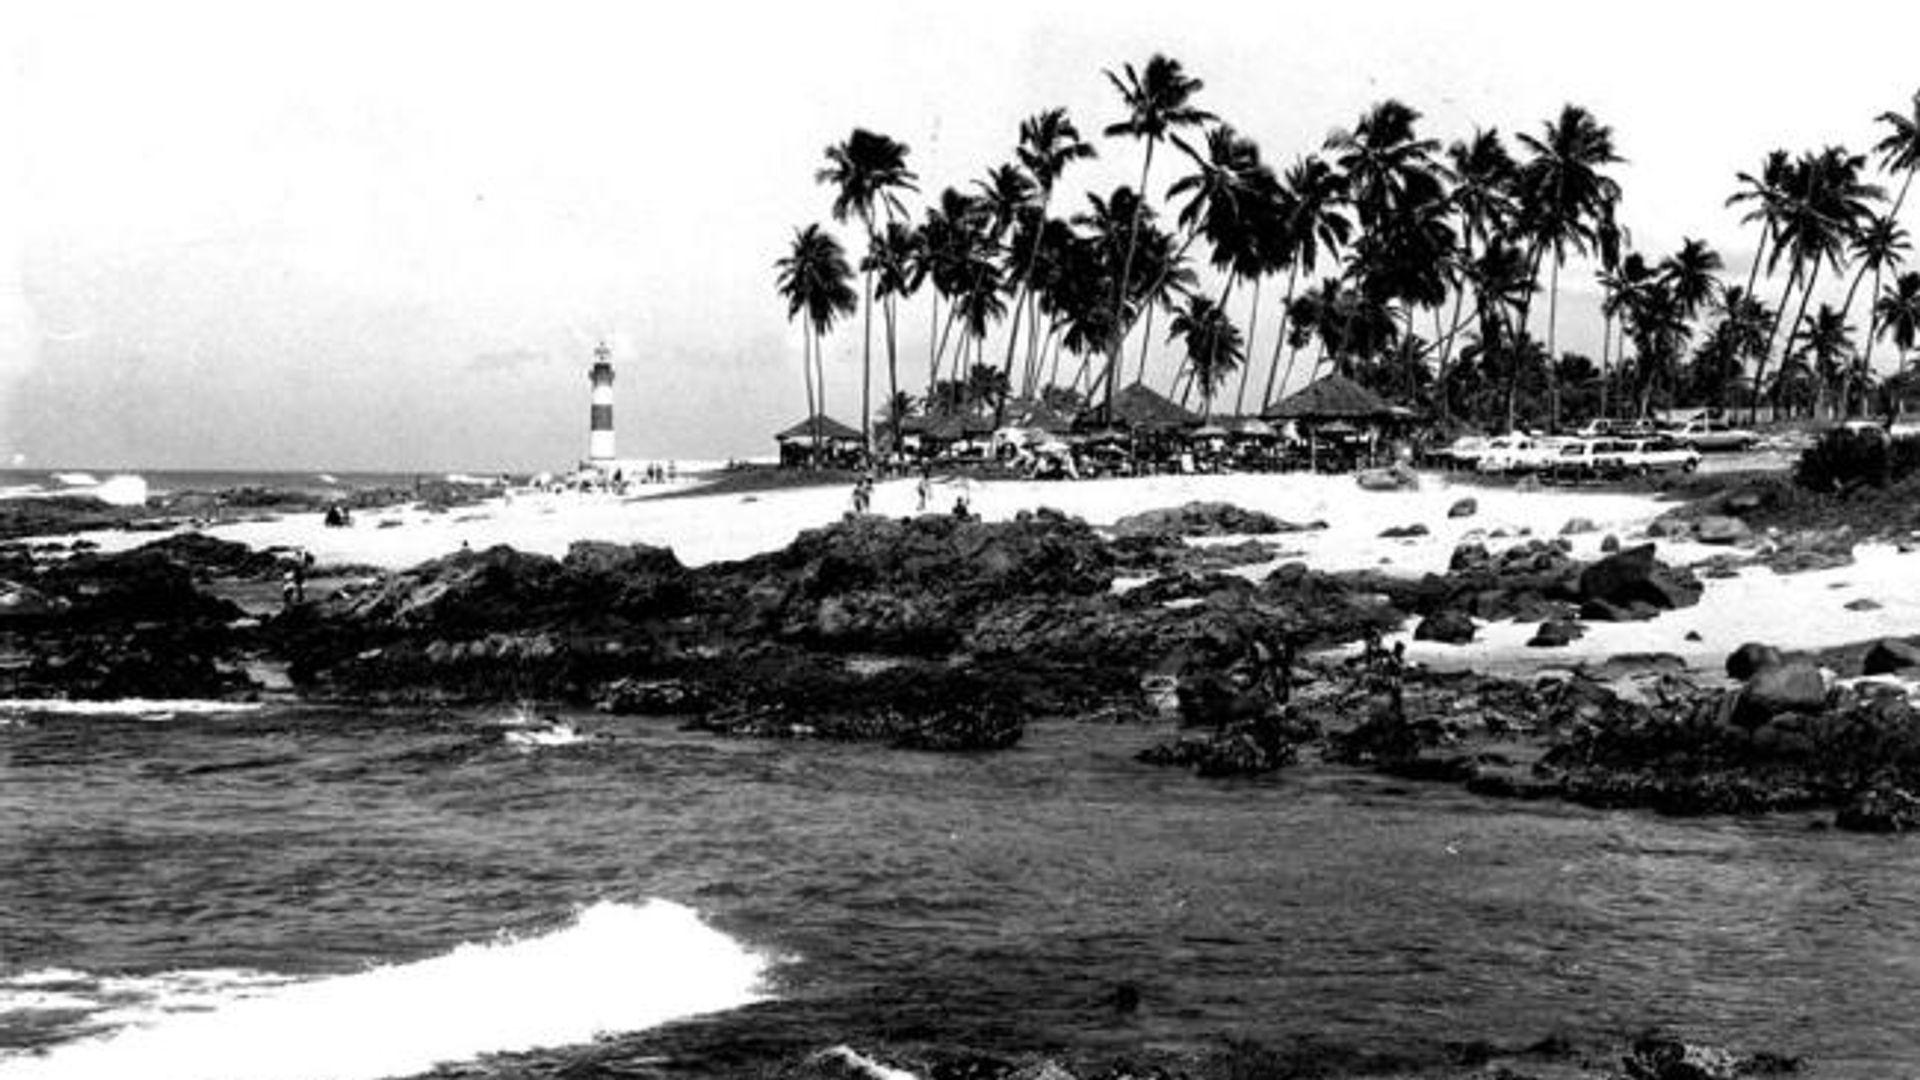 Fotografia do Farol de Itapuã na década de 1970